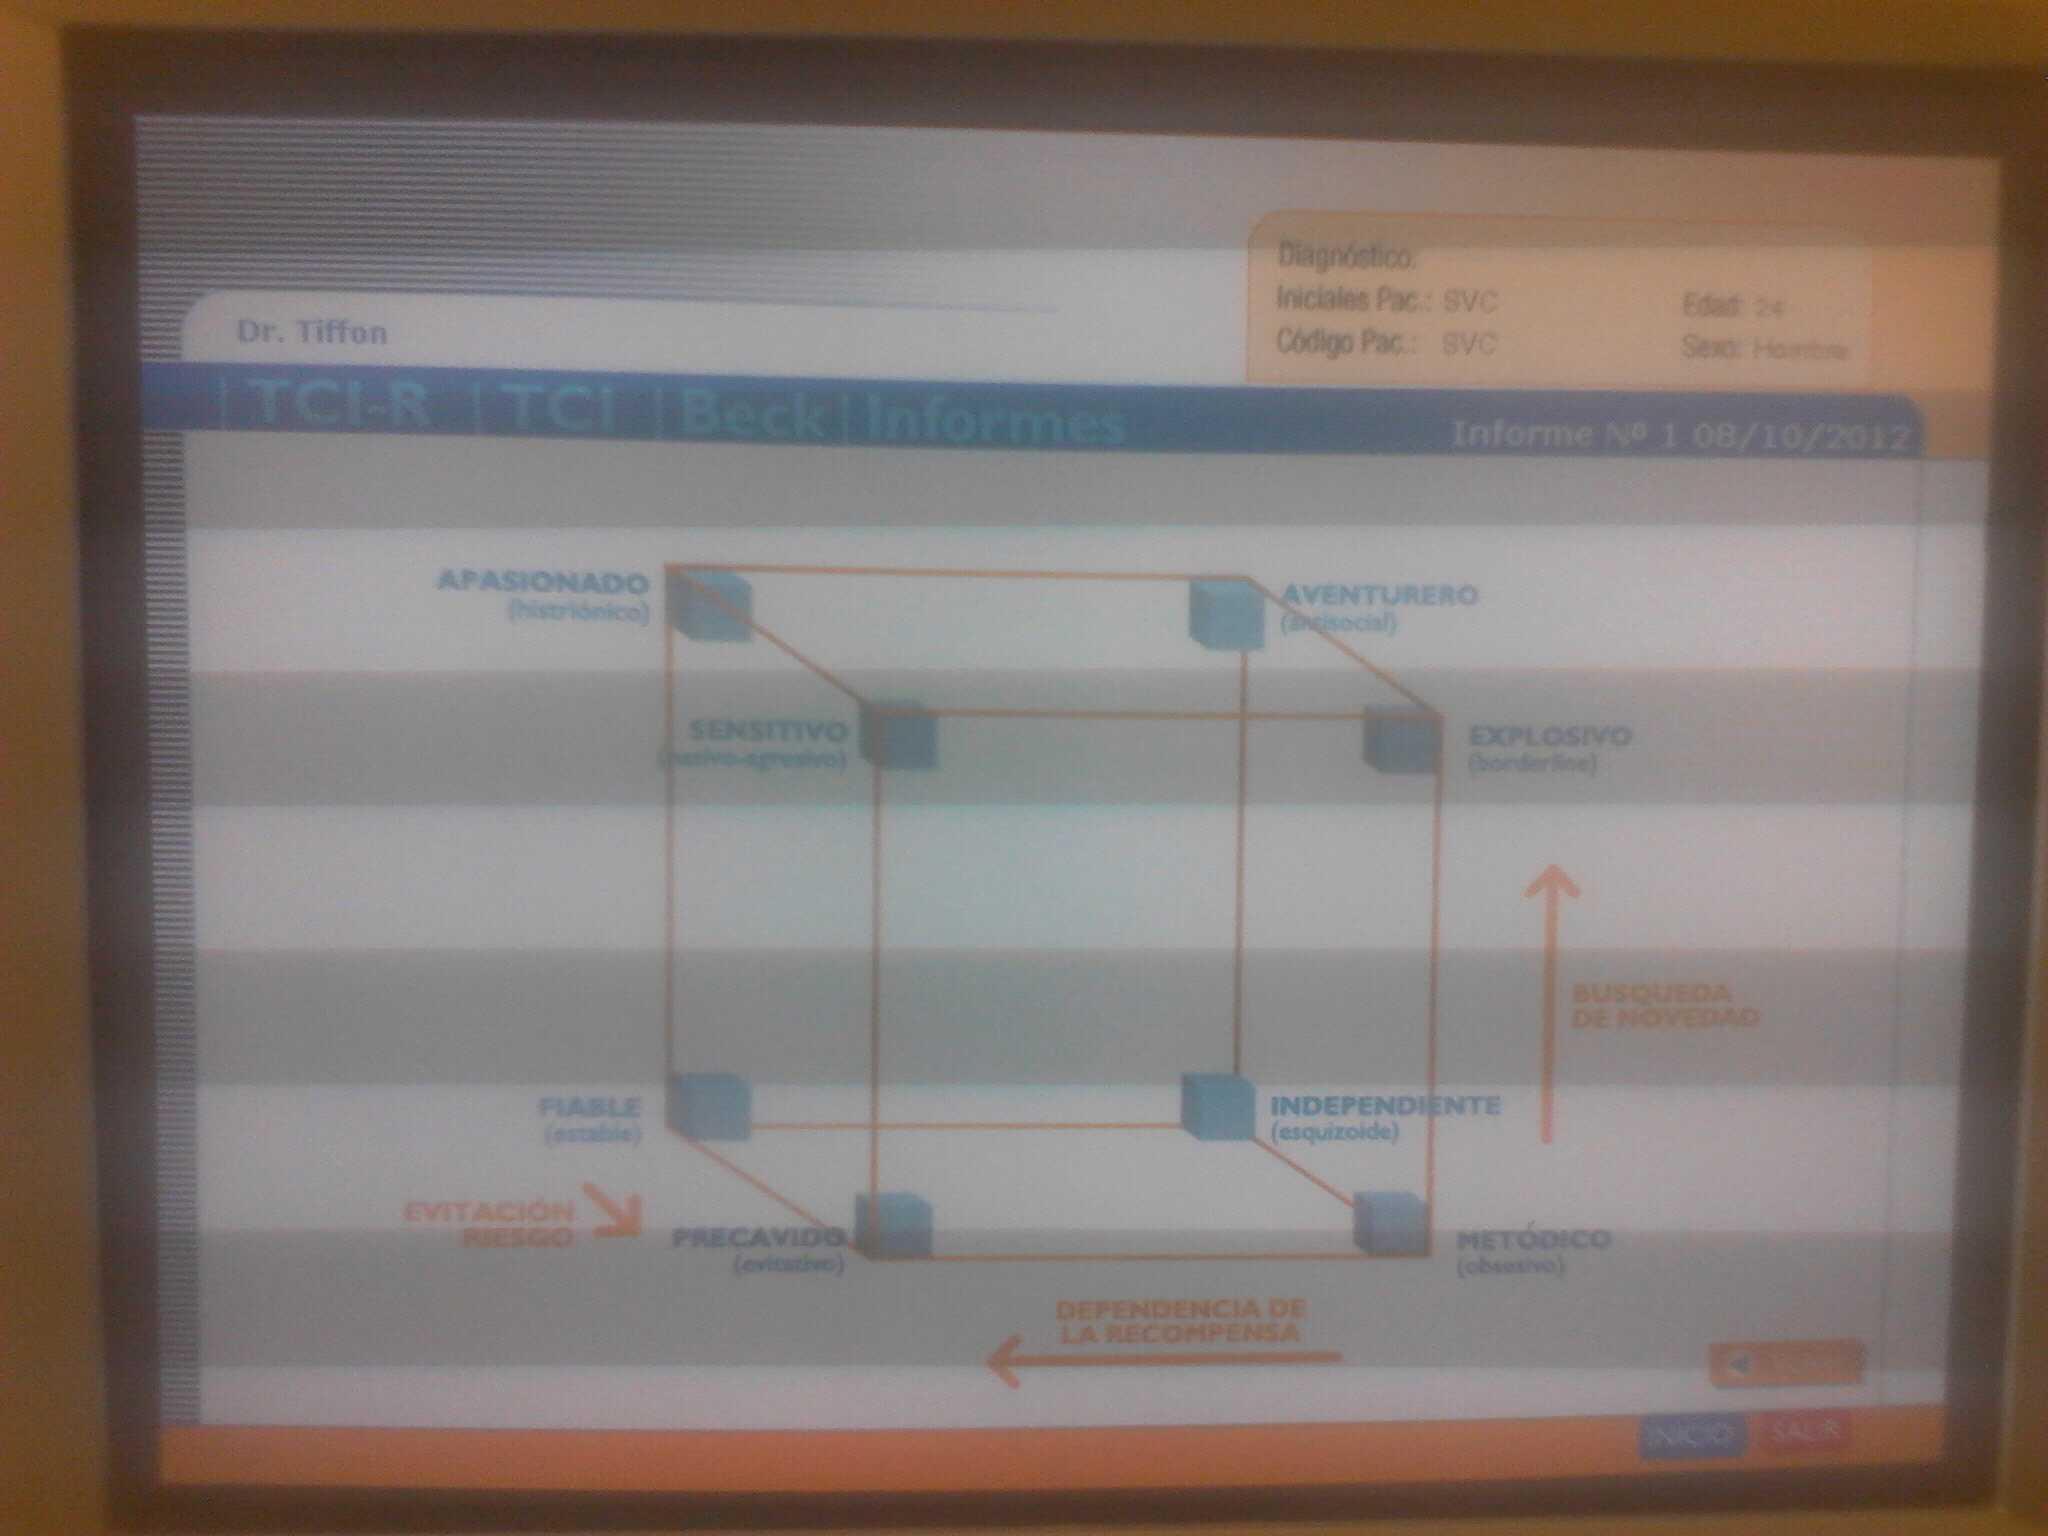 Acabo de terminar el Test de Personalidad TCI-R de Cloninguer... Curioso resultado. http://t.co/HfmC6D7f